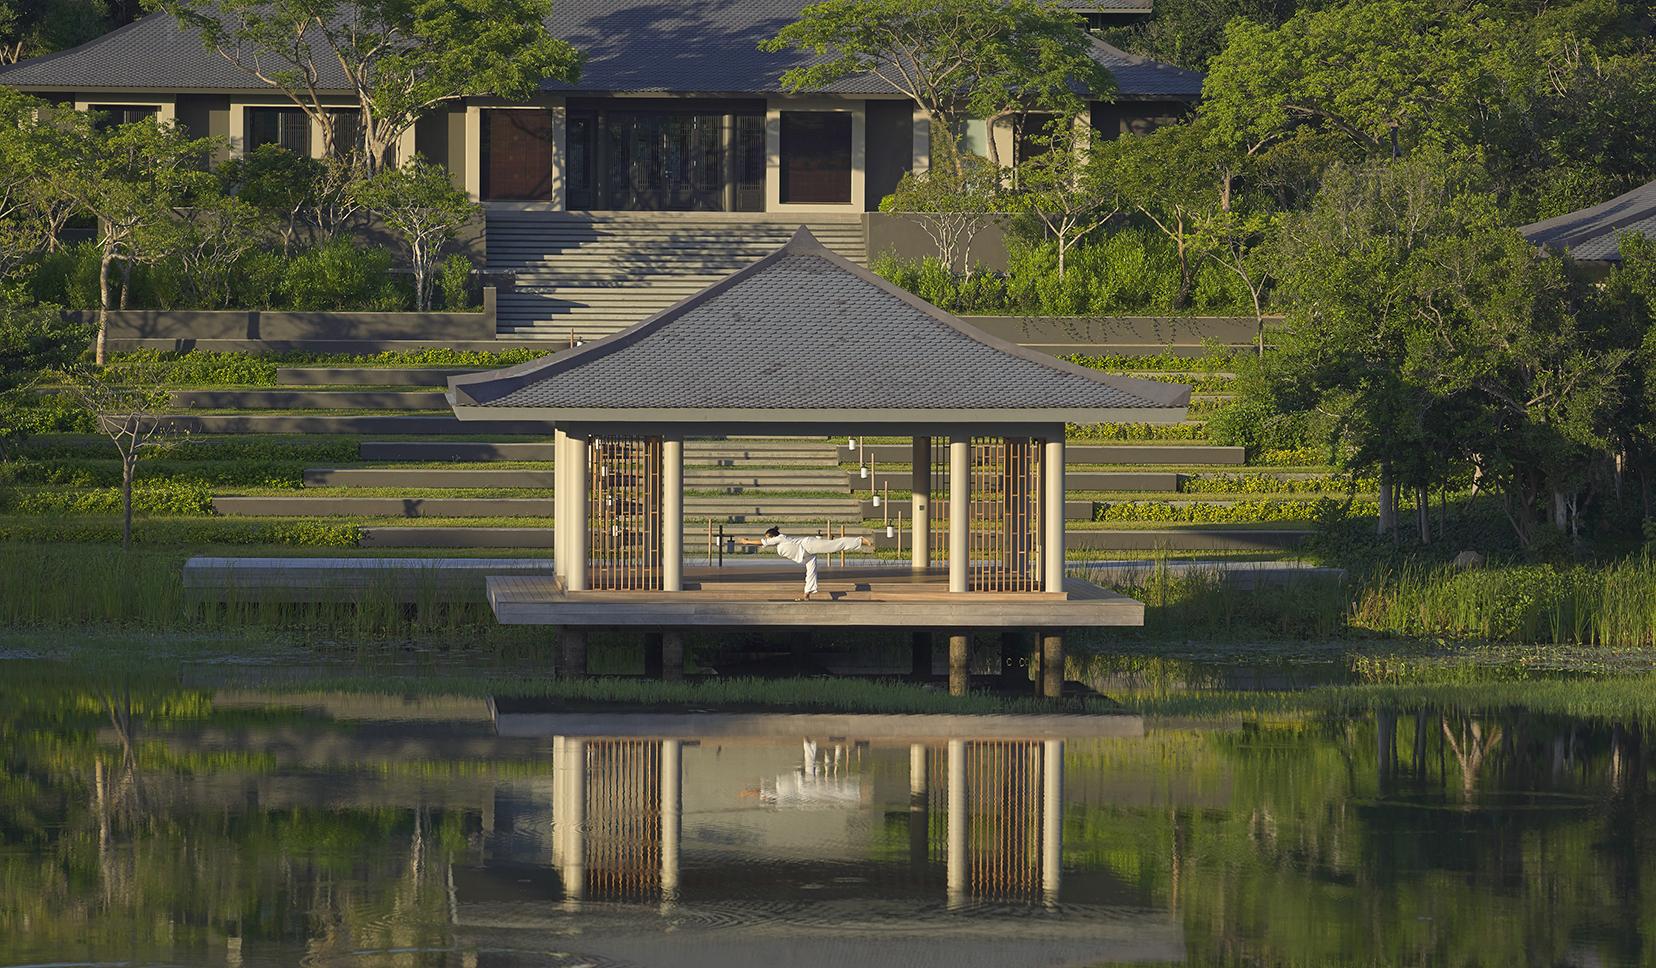 著名建築師Jean-Michel Gathy匠心獨運設計全球最優美的酒店水療中心- LaVie 設計改變世界